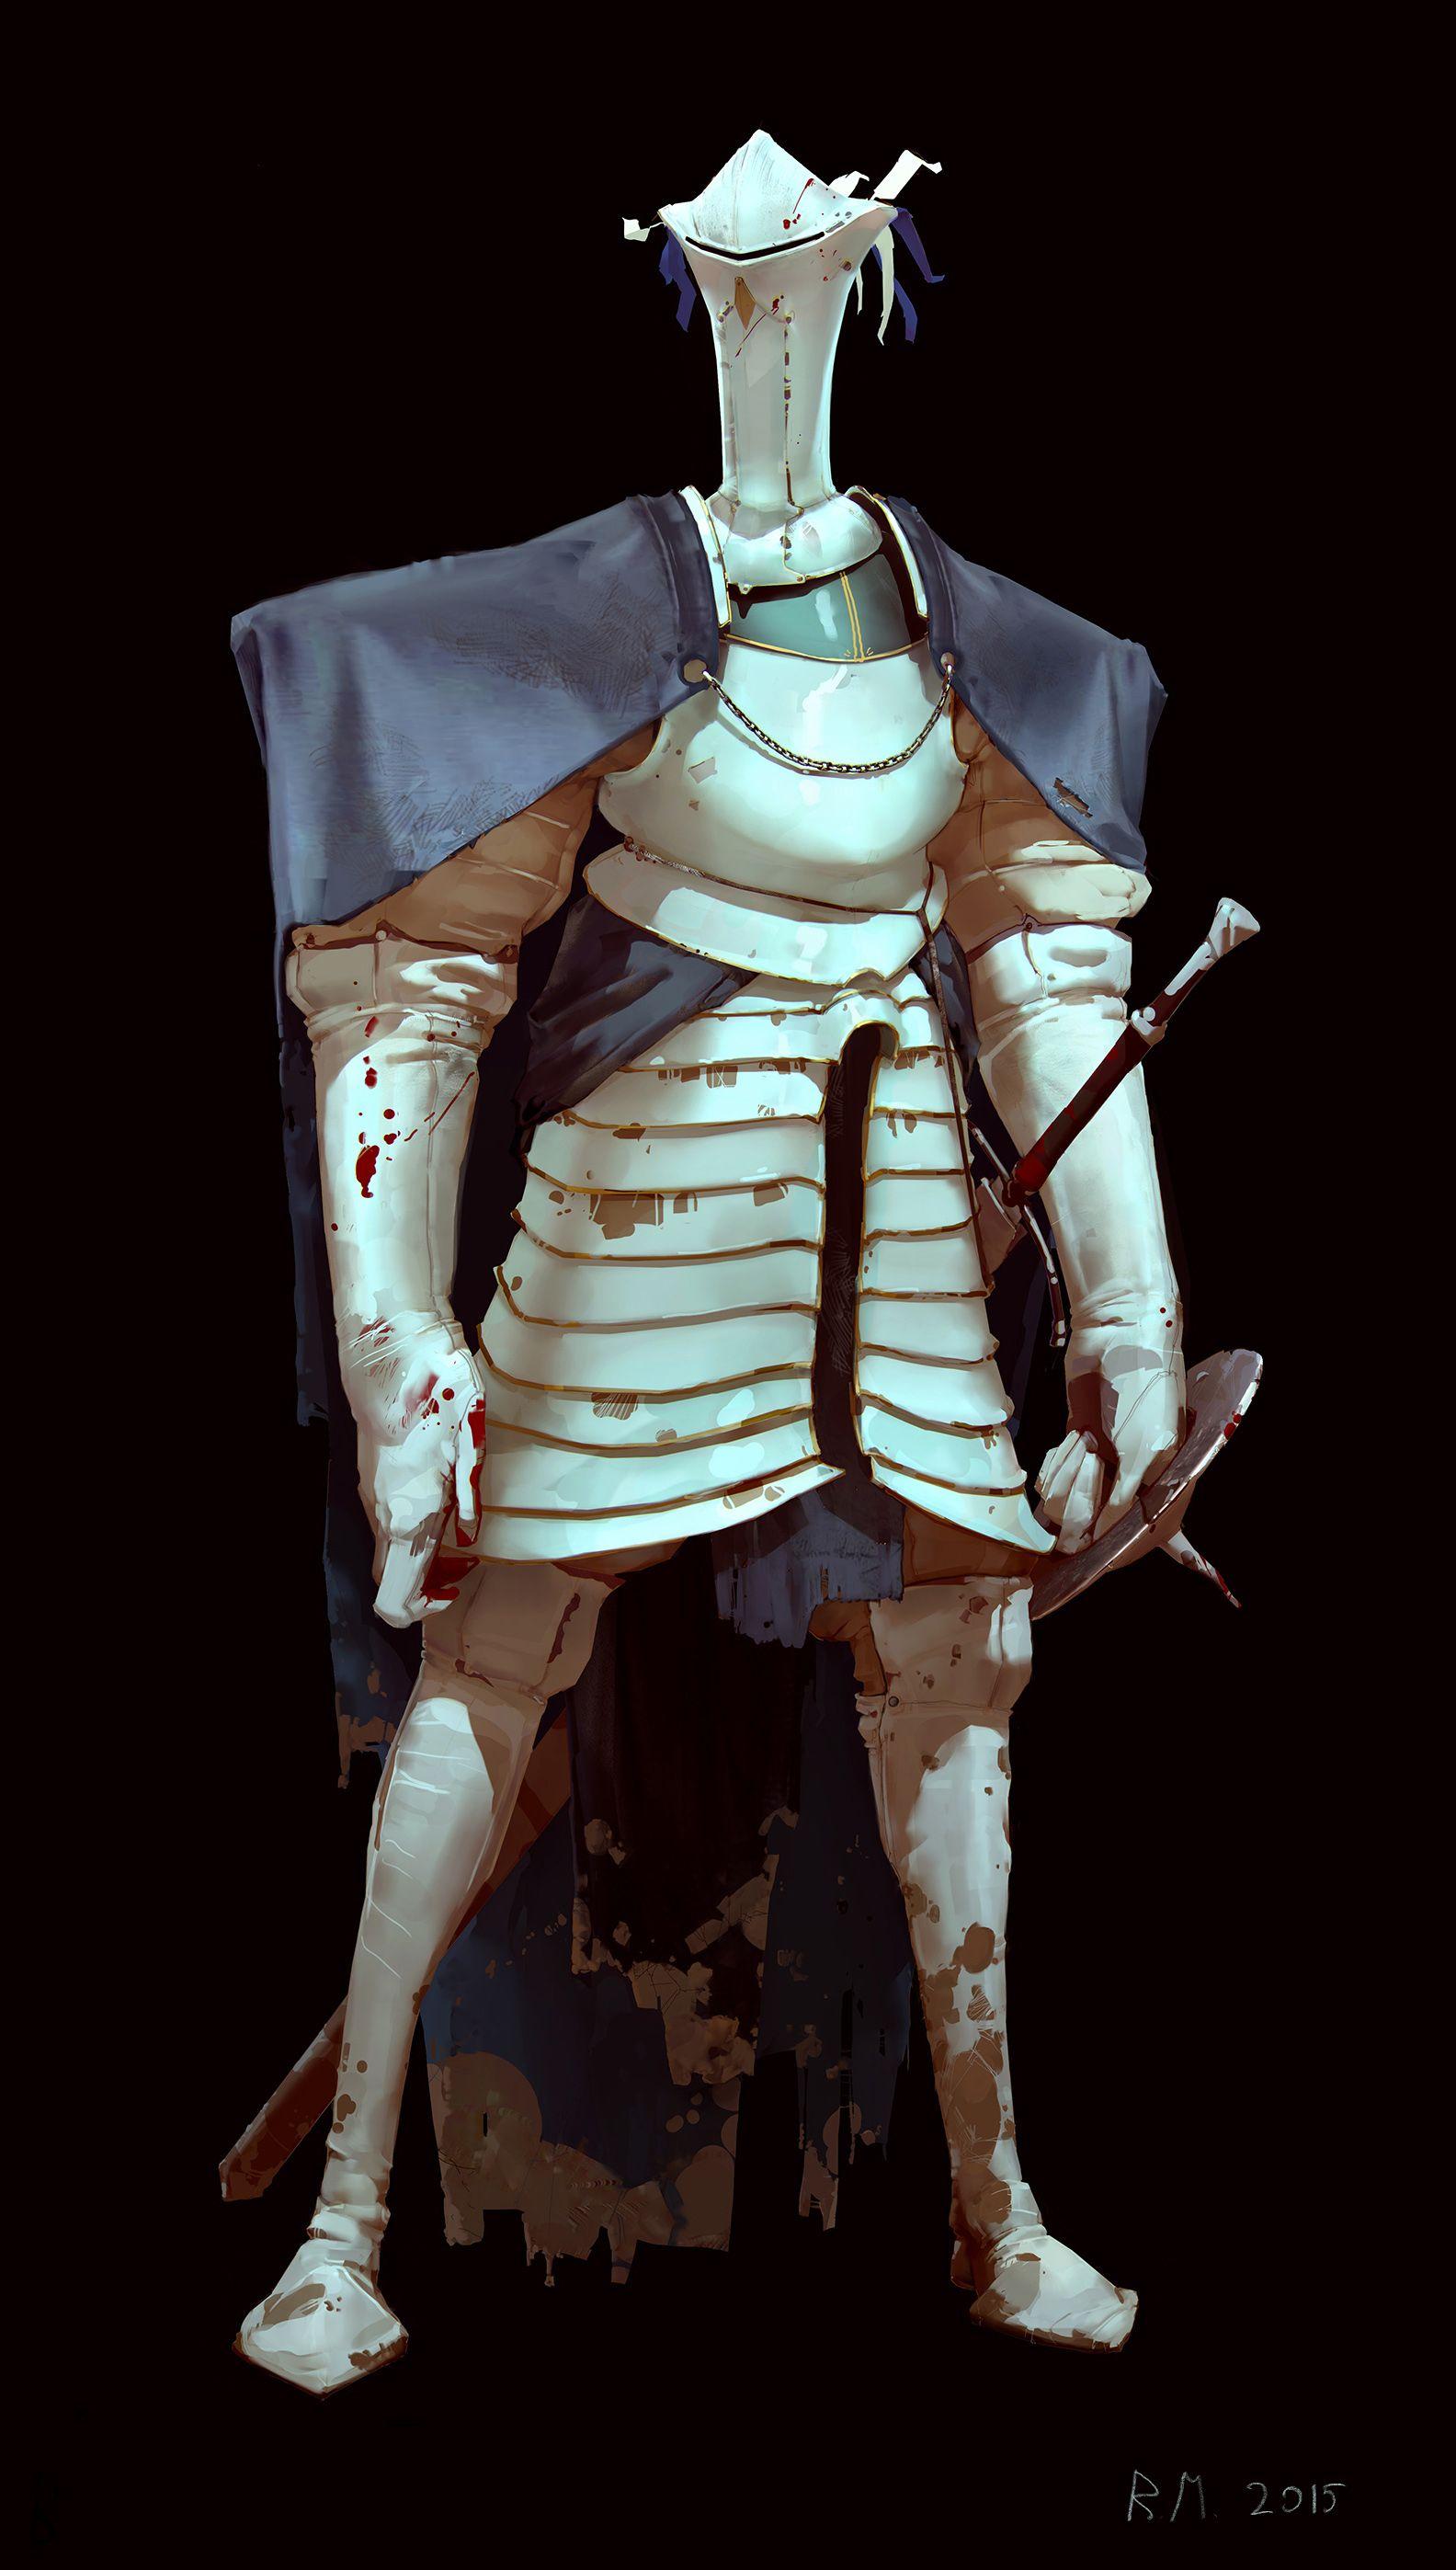 white knight by rahmatozz deviantart com on deviantart character